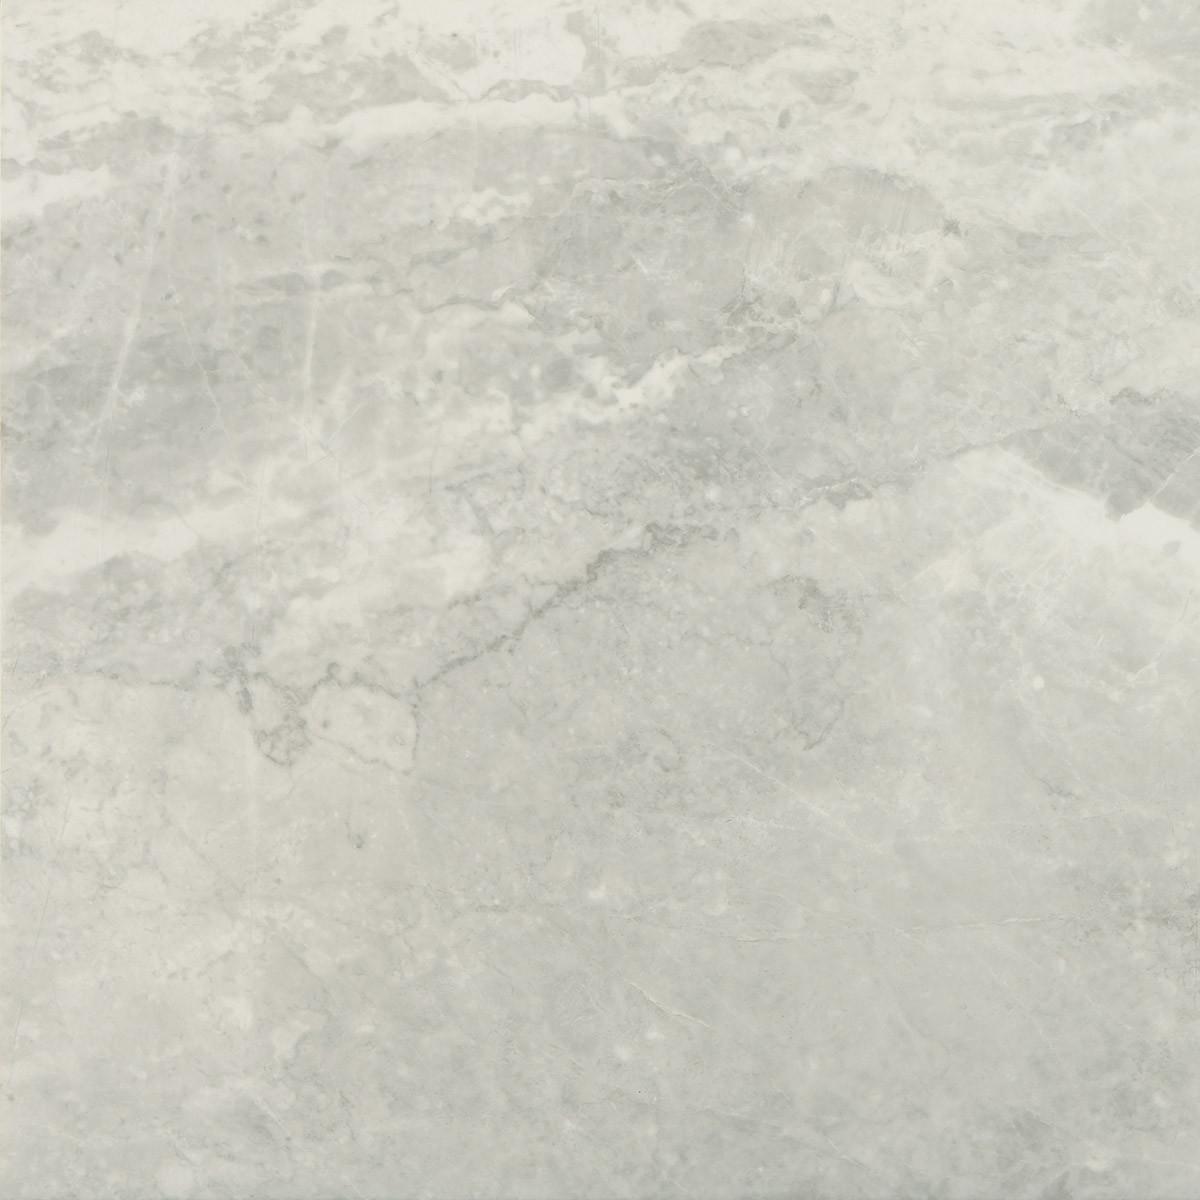 large format arezzo perla polished porcelain rectified floor tile. Black Bedroom Furniture Sets. Home Design Ideas